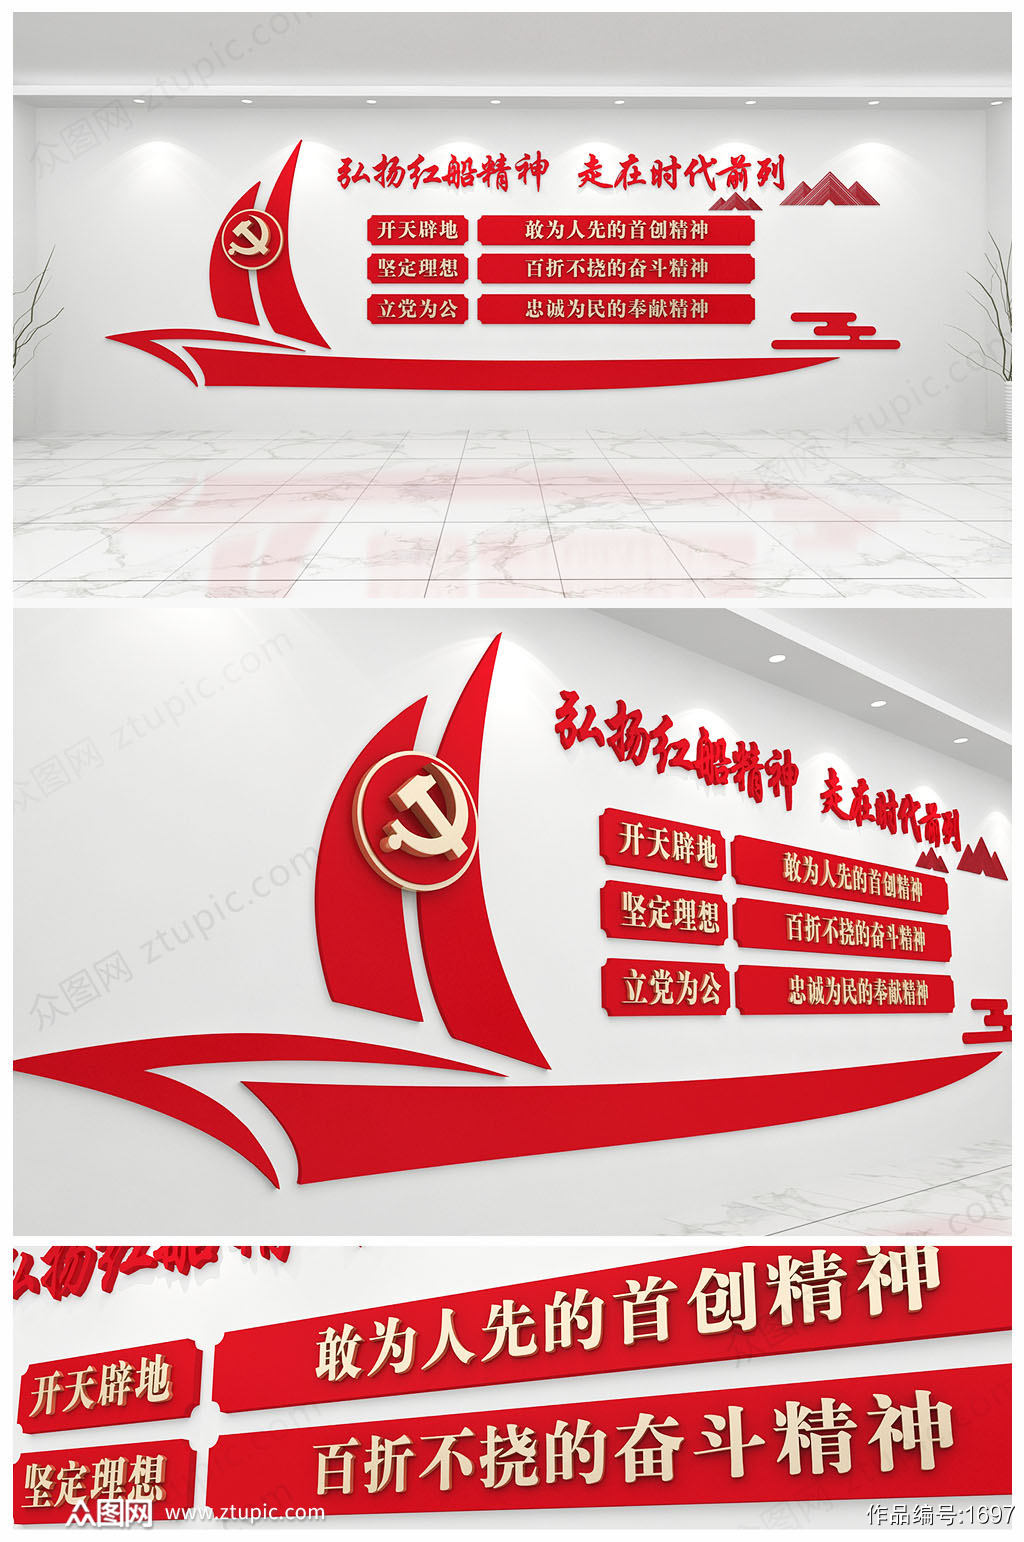 红色创意红船精神文化墙设计素材